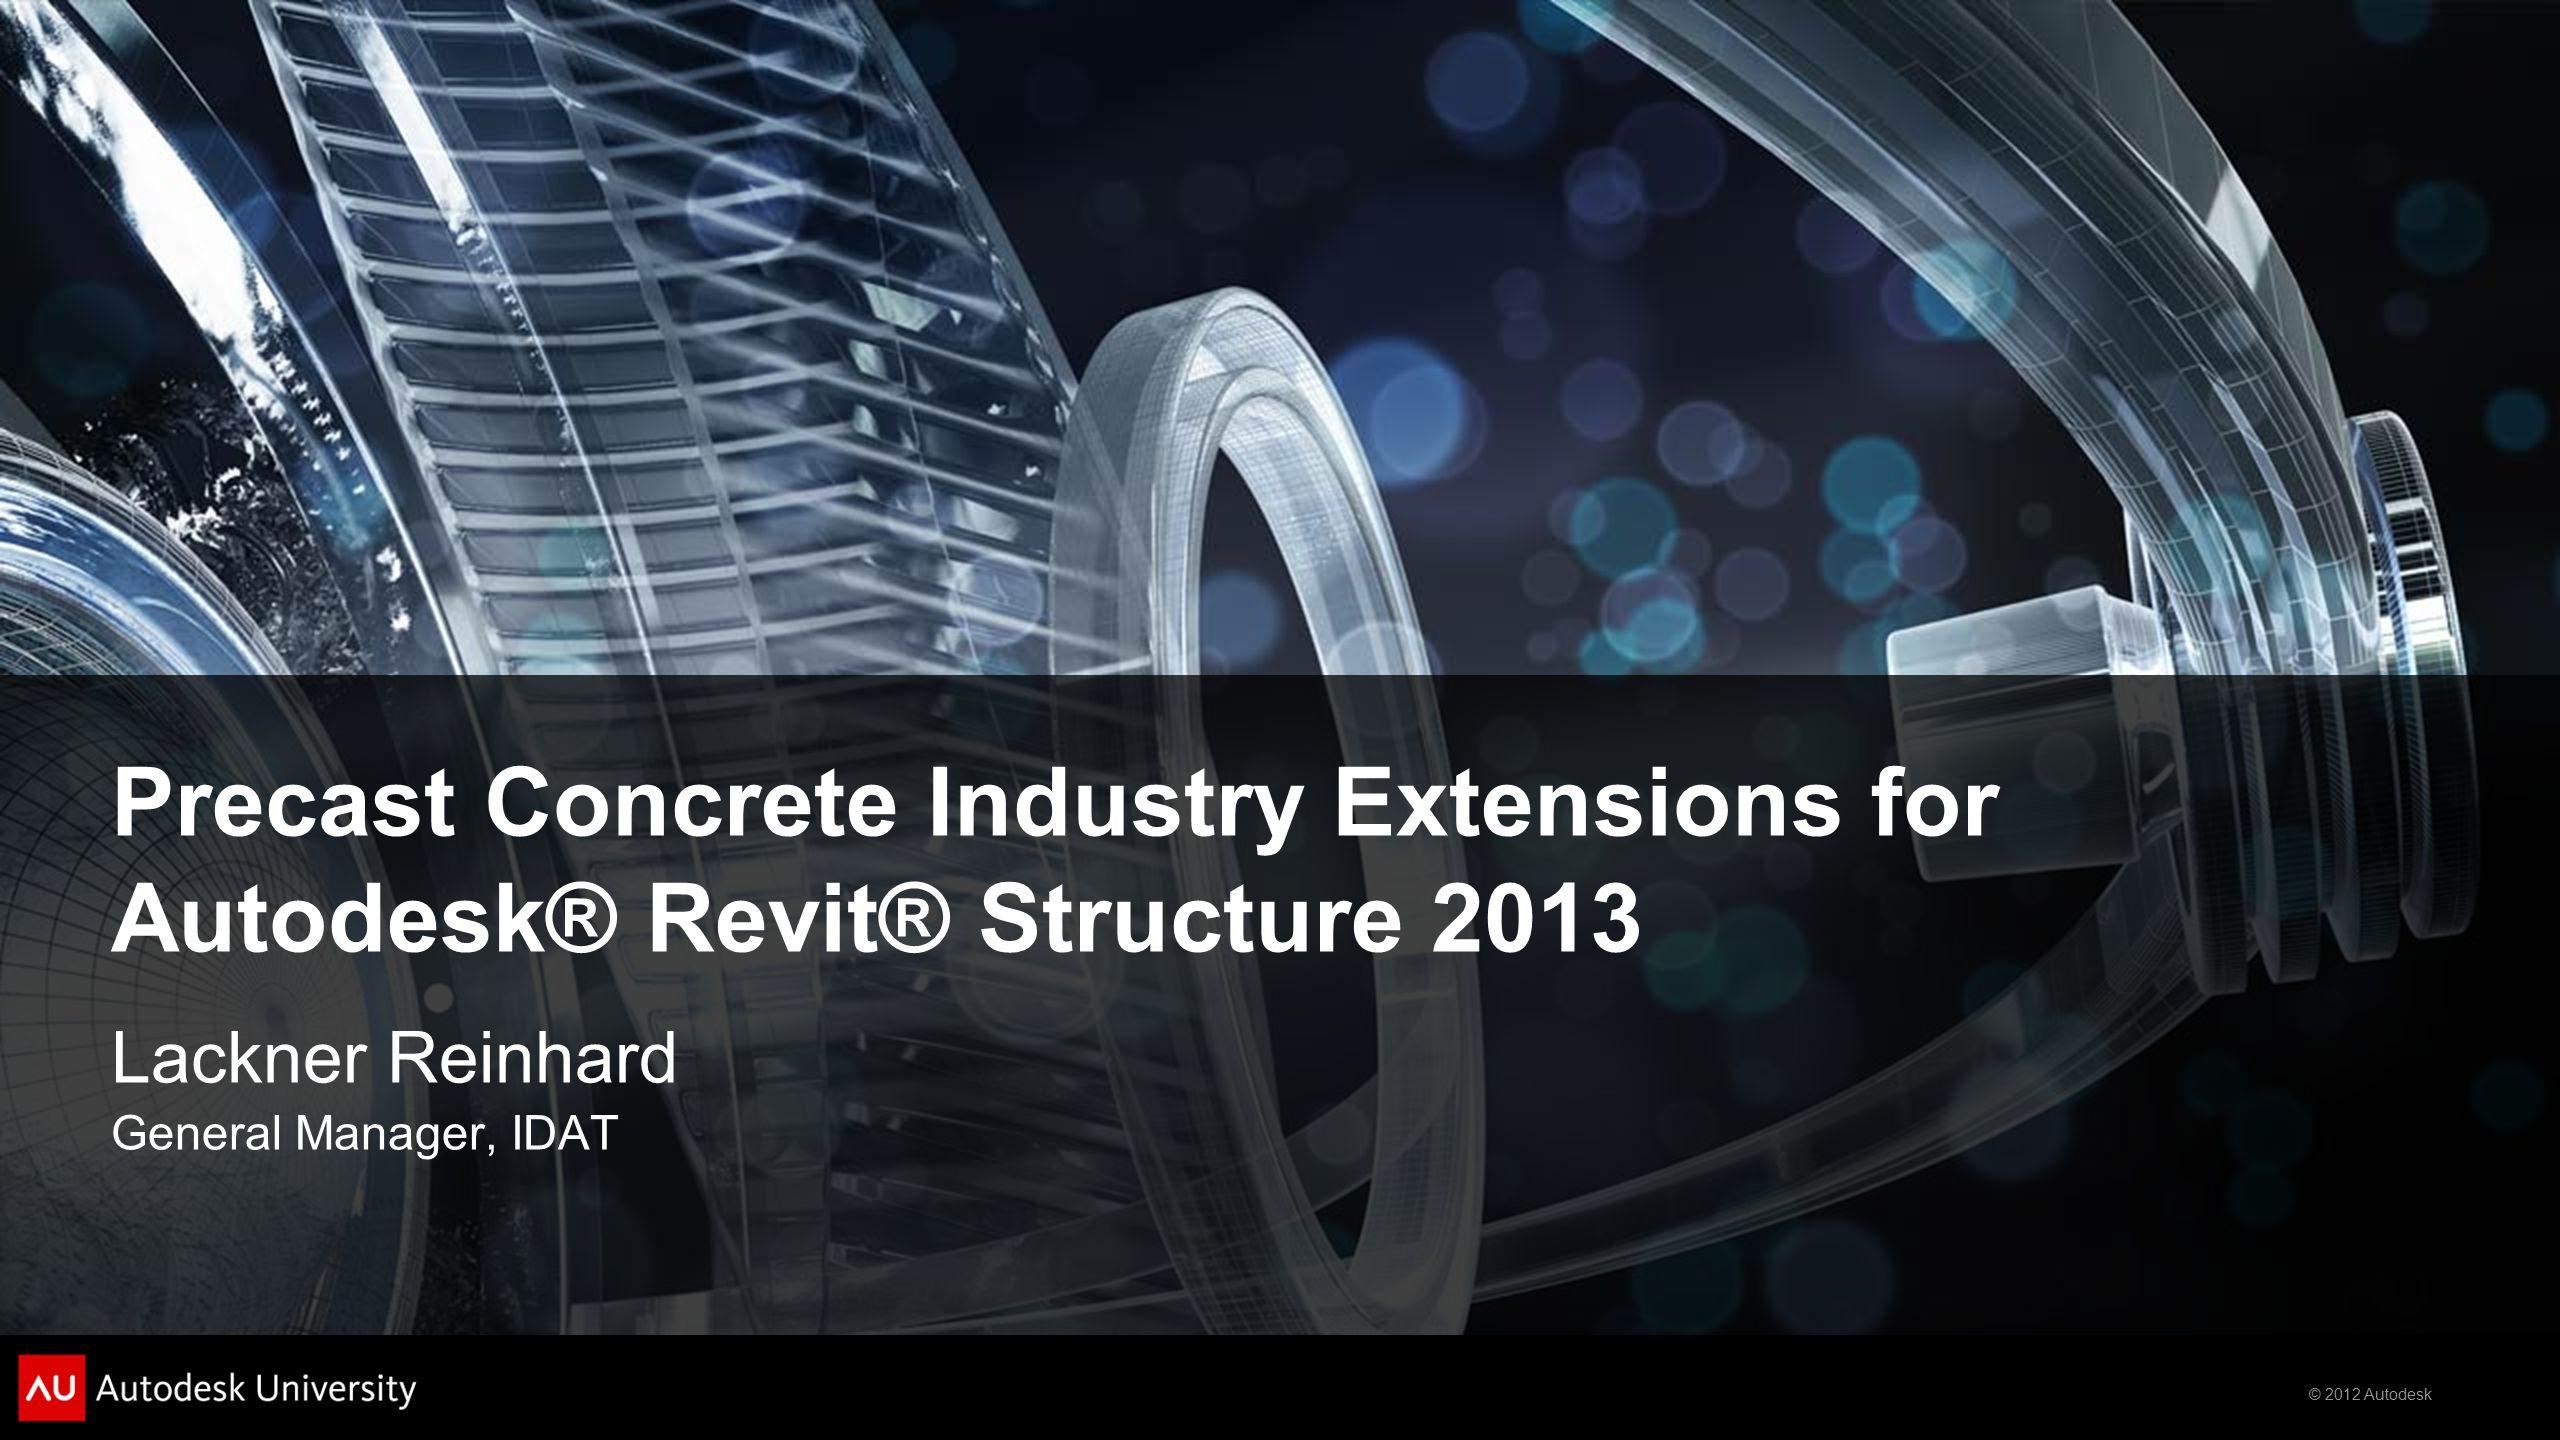 Precast Concrete Industry Extensions for Autodesk® Revit® Structure 2013